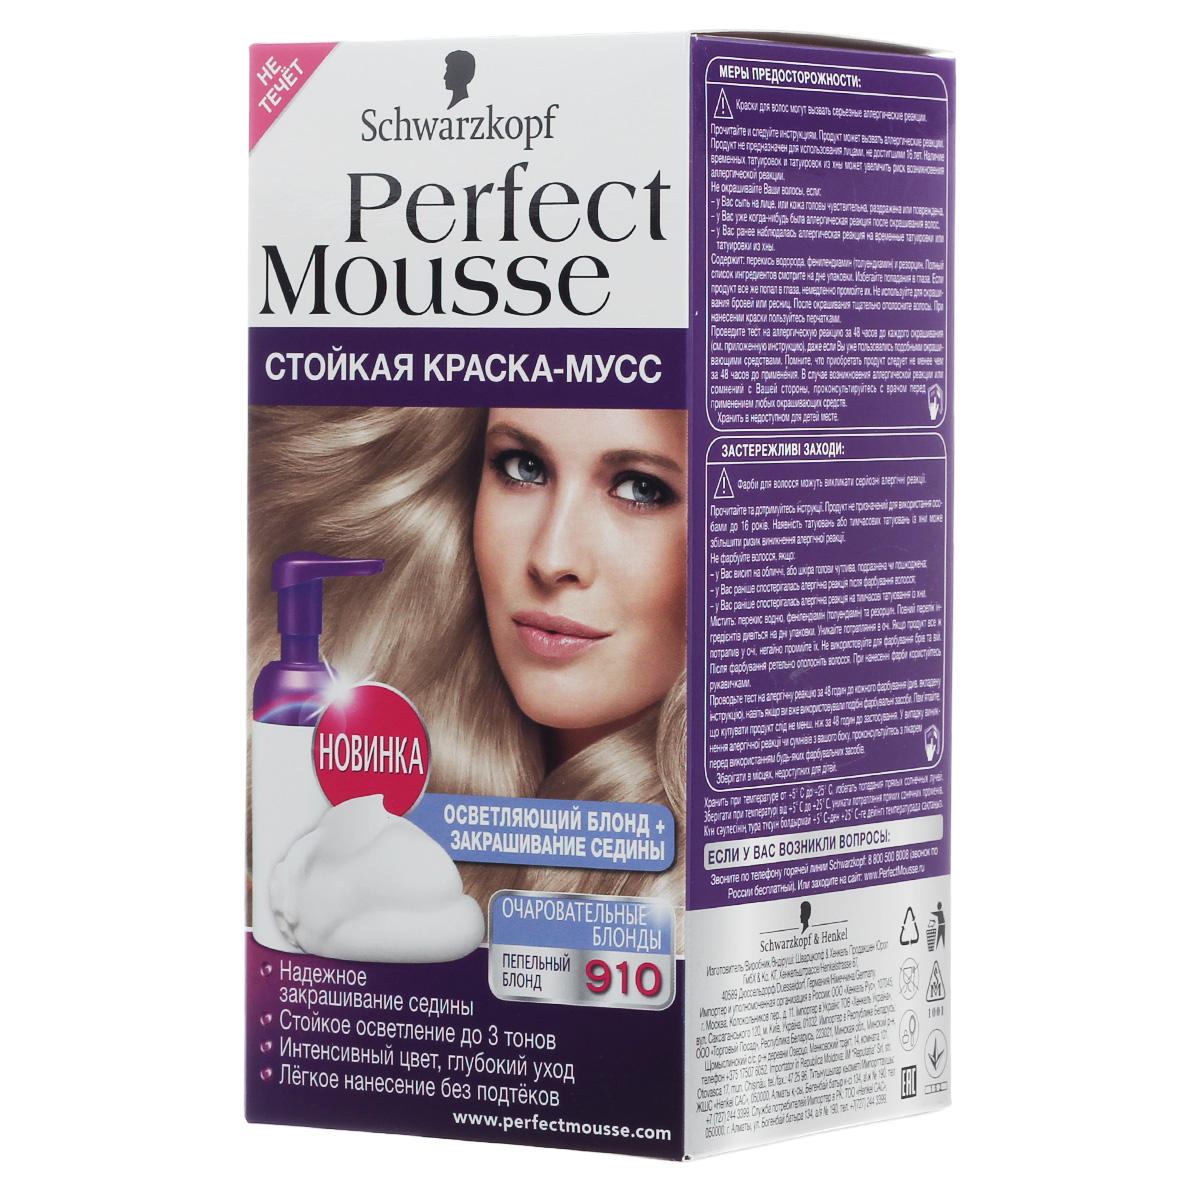 Perfect Mousse Стойкая краска-мусс оттенок 910 Пепельный блонд, 35 мл9353573ПРИДАЙТЕ ВОЛОСАМ ИНТЕНСИВНЫЙ ГЛЯНЦЕВЫЙ БЛЕСК! 100% стойкости, 0% аммиака. Хотите окрасить волосы без лишних усилий? Попробуйте самый простой способ! Легкое дозирование и равномерное нанесение без подтеков благодаря удобному флакону-аппликатору и насыщенной текстуре мусса. С Perfect Mousse добиться идеального цвета невероятно легко!